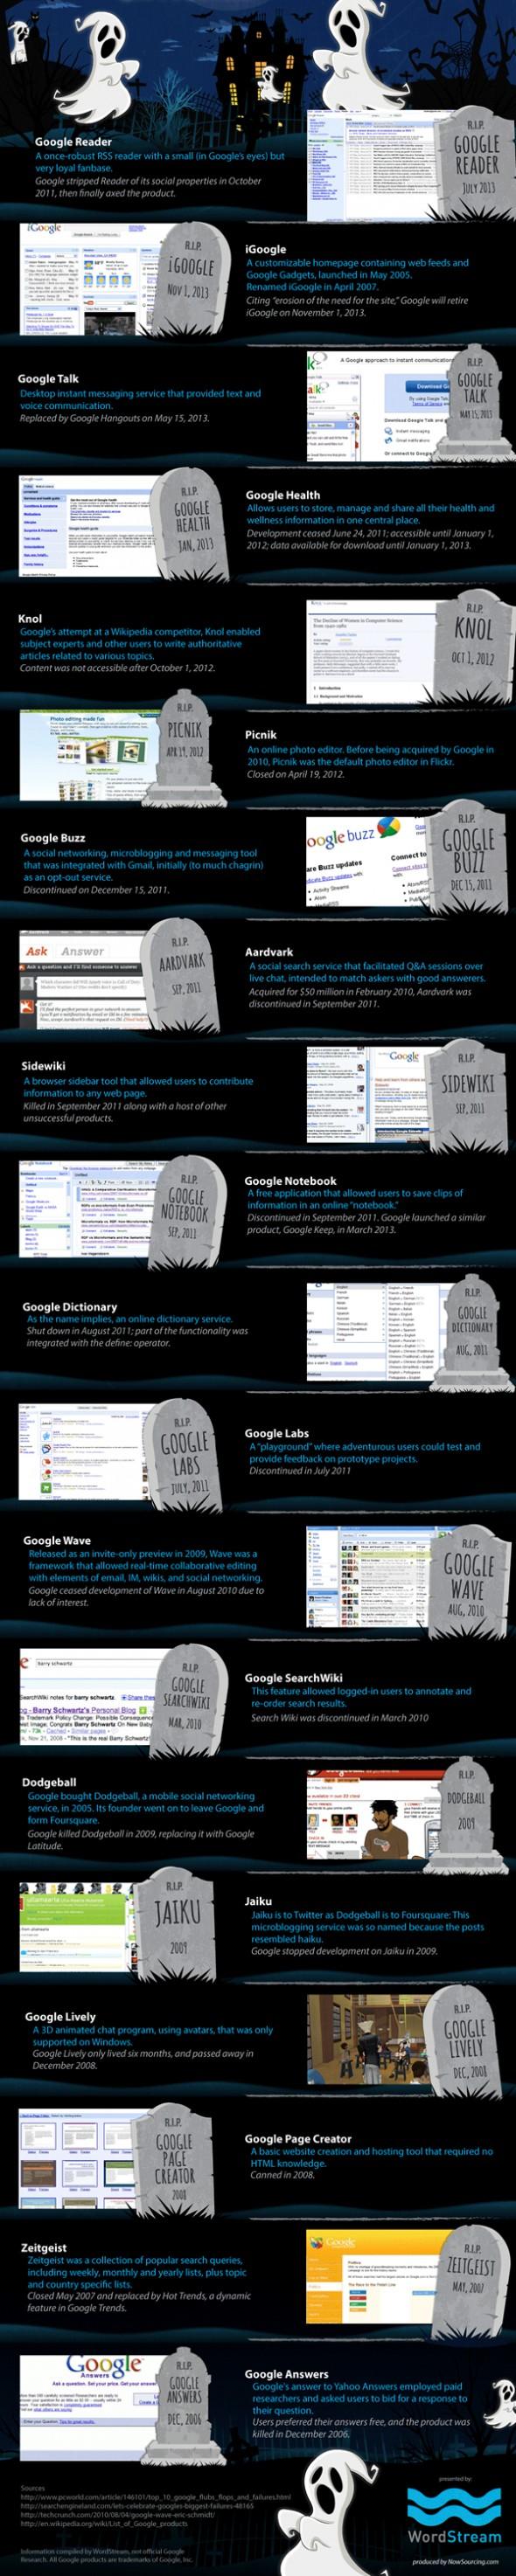 Le cimetière des services abandonnés par Google [Infographie]